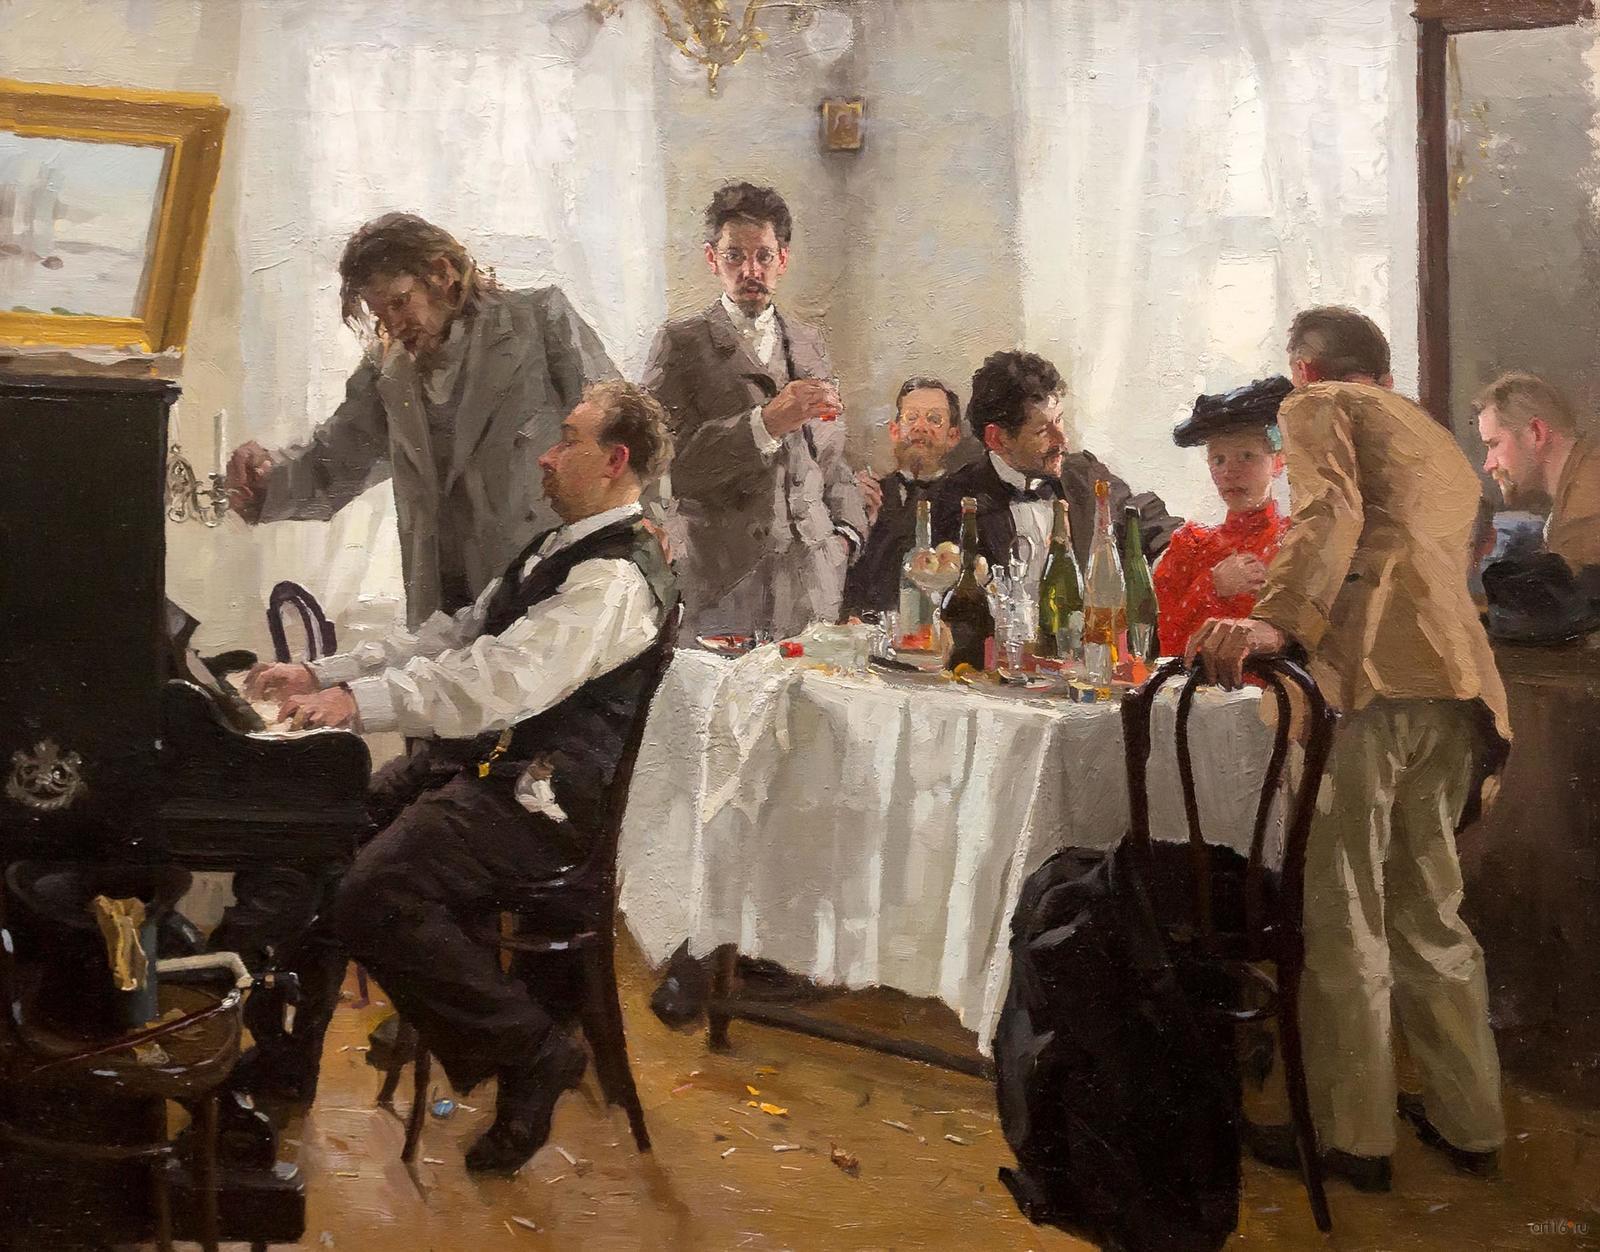 Фото №861157. Своя компания. 1904. Попов Лукиан Васильевич. 1873-1914